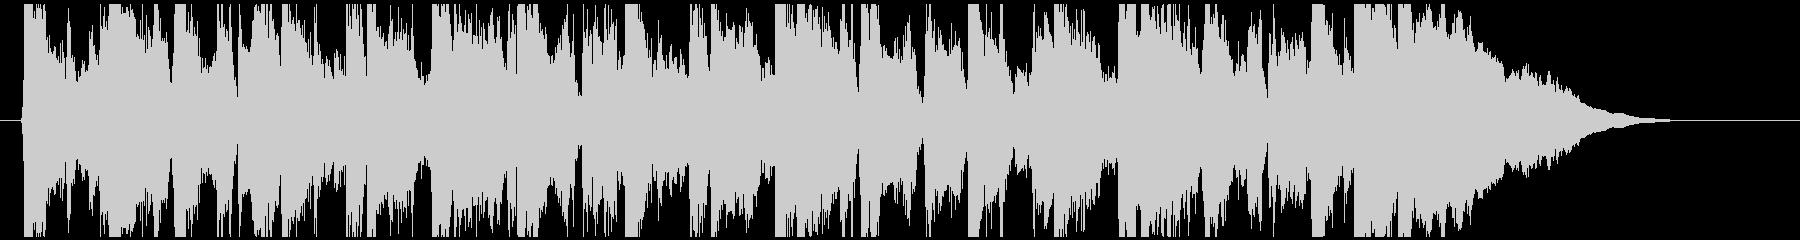 フィドルとアコギが軽快なアコースティックの未再生の波形